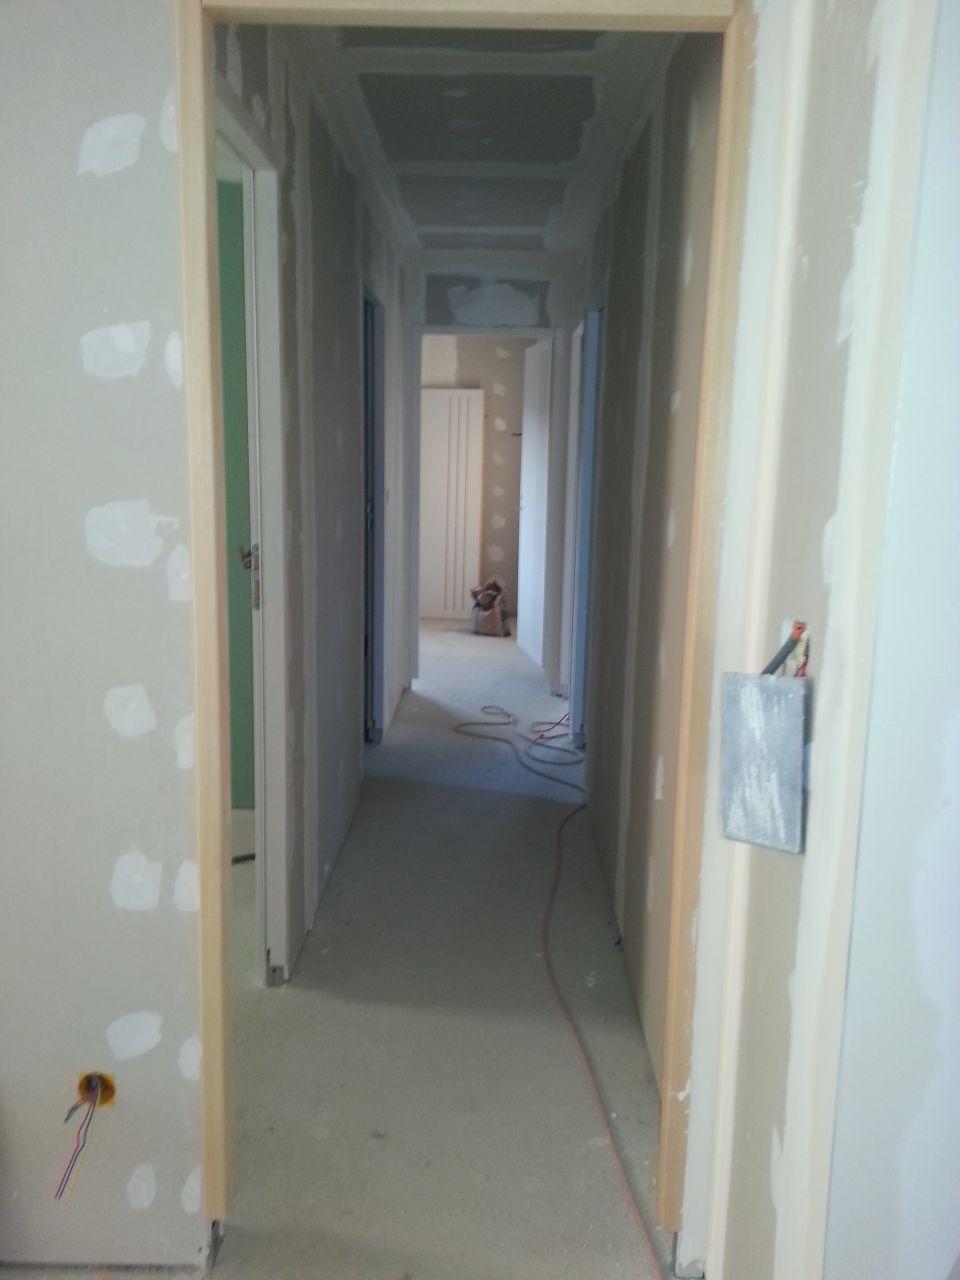 vue du couloir.... vous remarquerez que l'électricité  avance aussi (merci au beau frère)